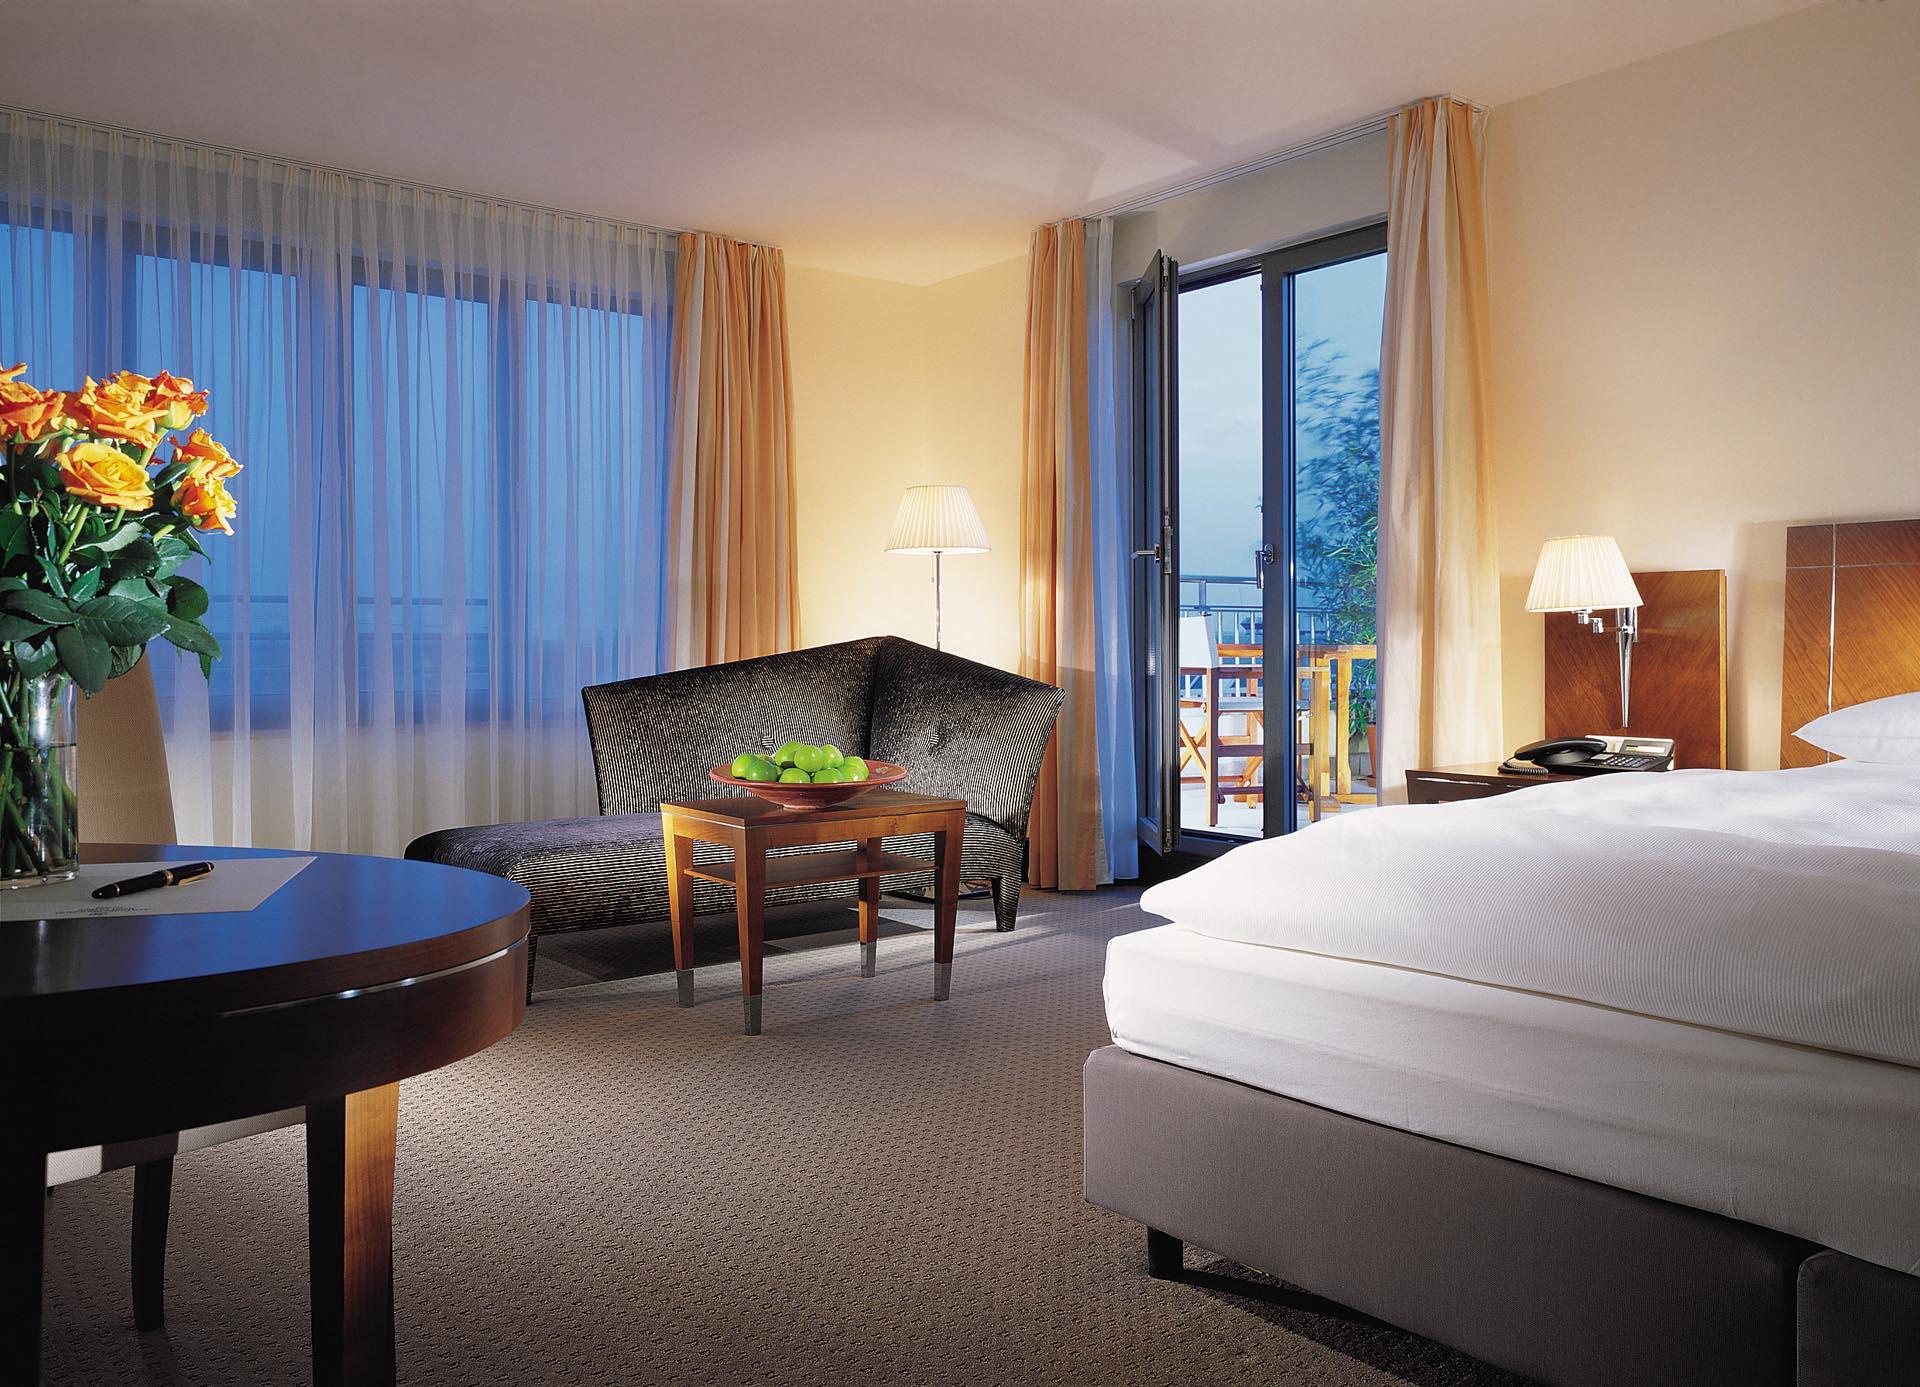 carlton hotel. Black Bedroom Furniture Sets. Home Design Ideas